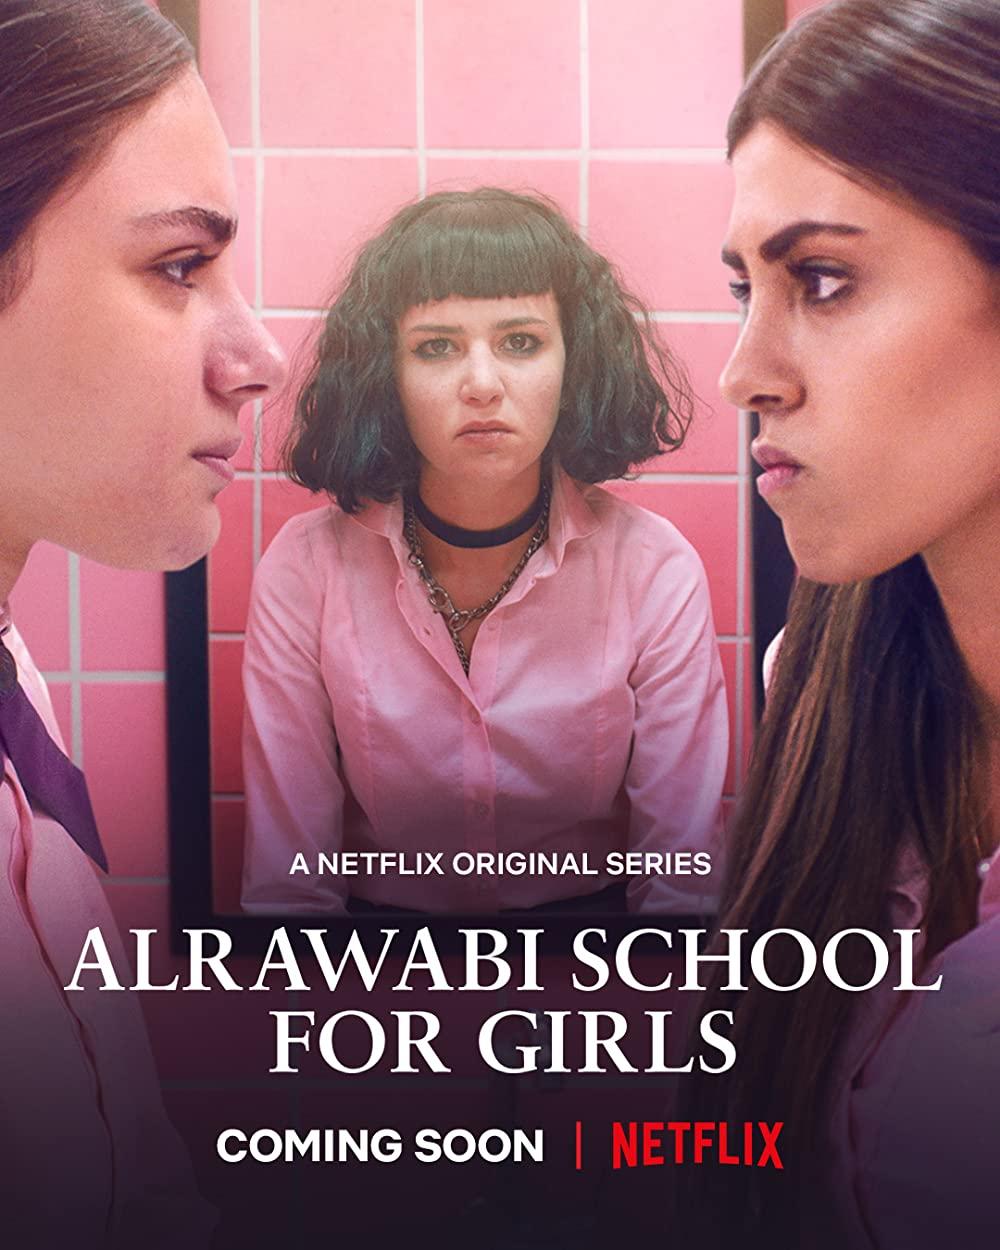 دانلود سریال درام مدرسه دخترانه الروابی Al Rawabi School for Girls